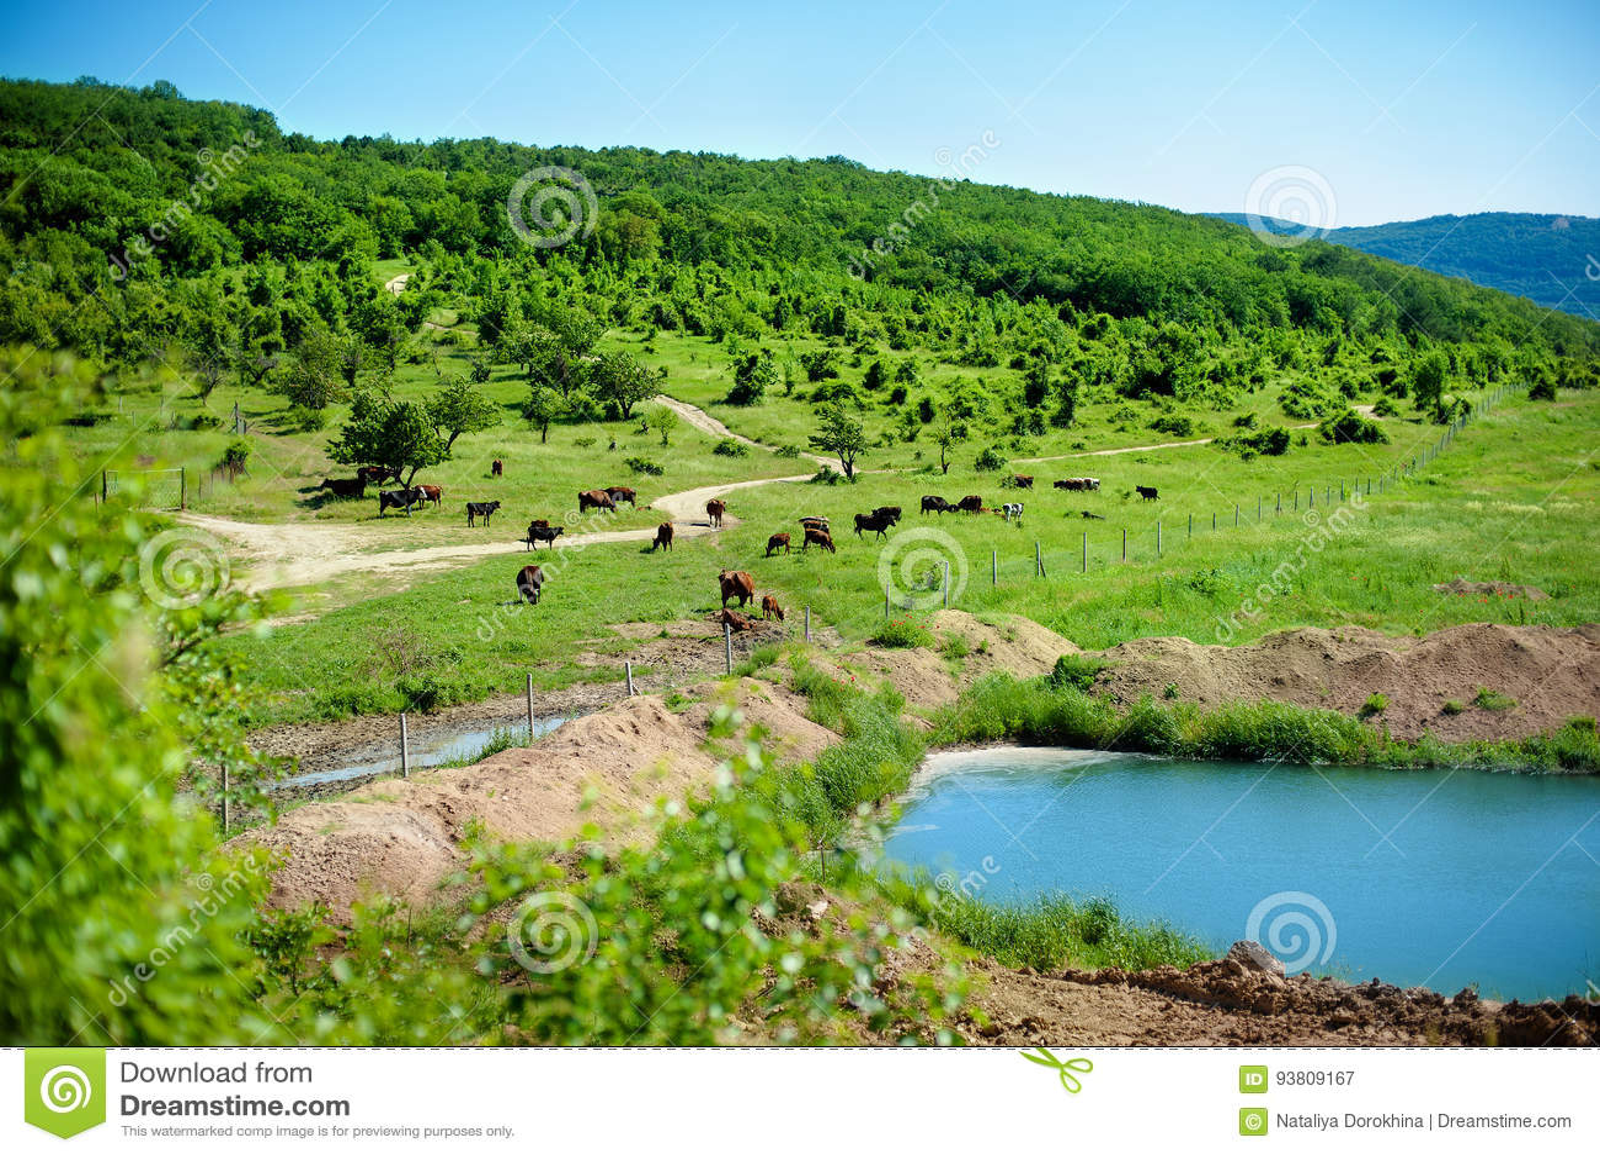 Manada de las vacas que pastan en un prado verde cerca del lago en las colinas en el día de verano soleado El paisaje pintoresco